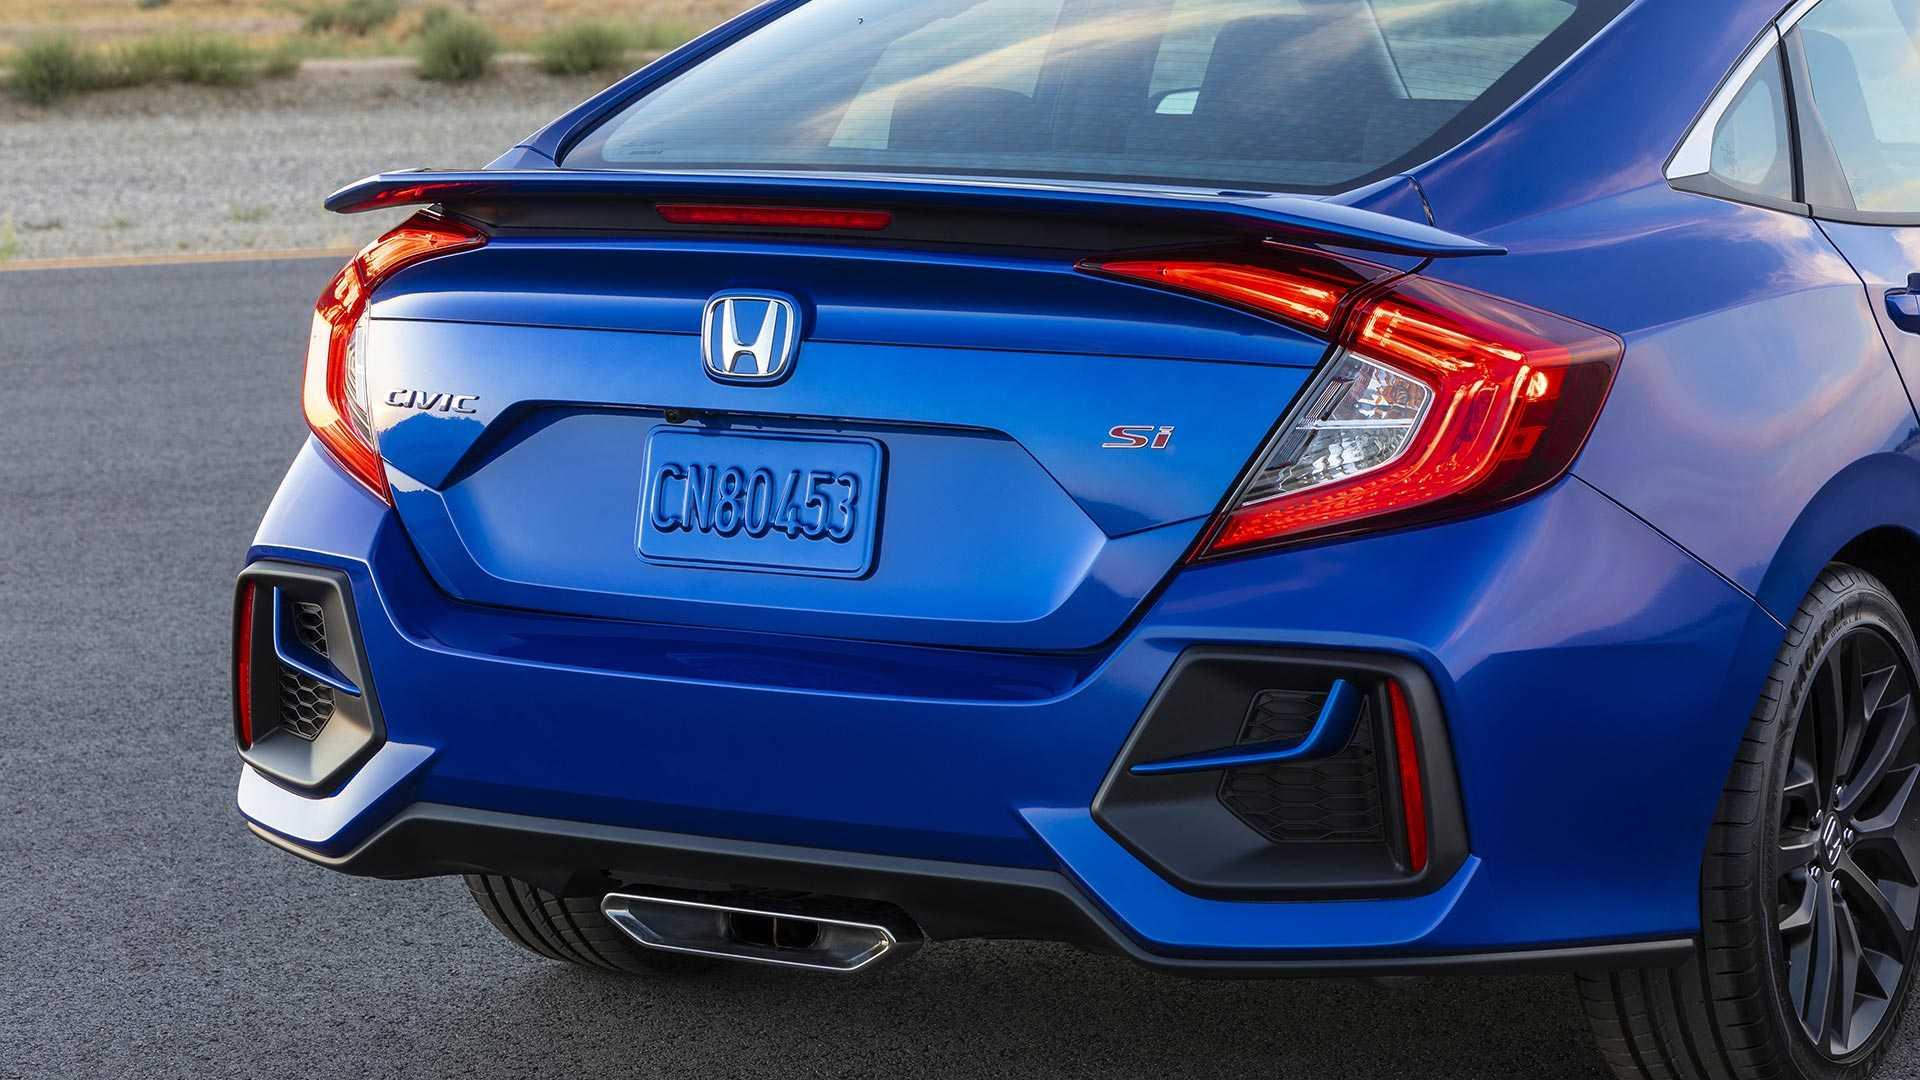 Khám phá Honda Civic Si 2020 phiên bản thể thao - 25